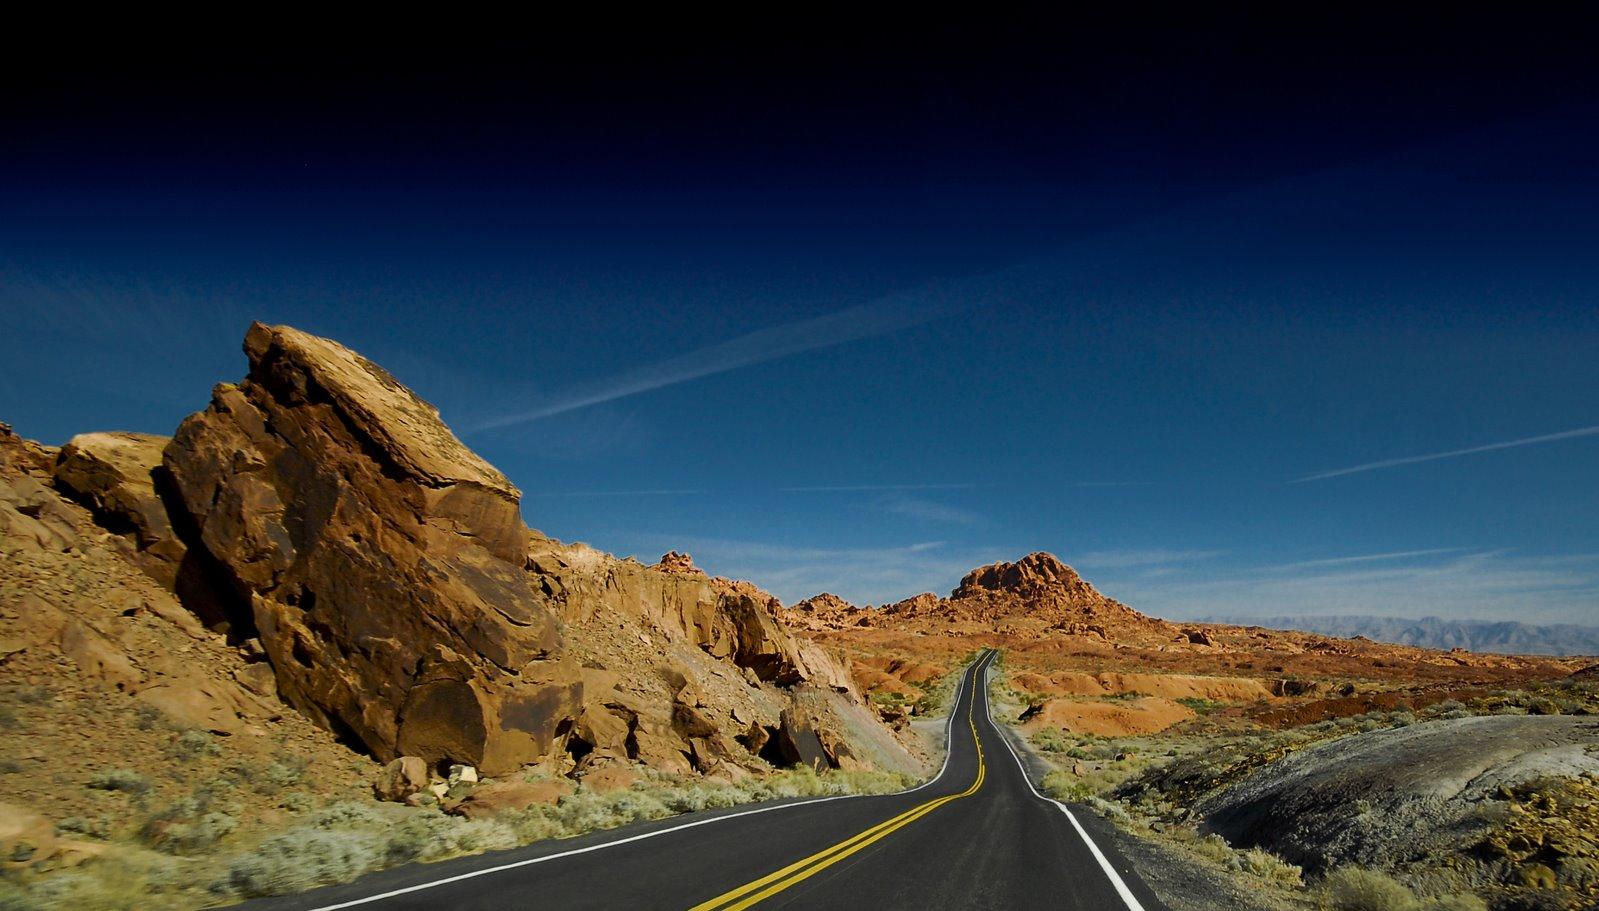 [mesquite+landscape+(1+of+1).jpg]